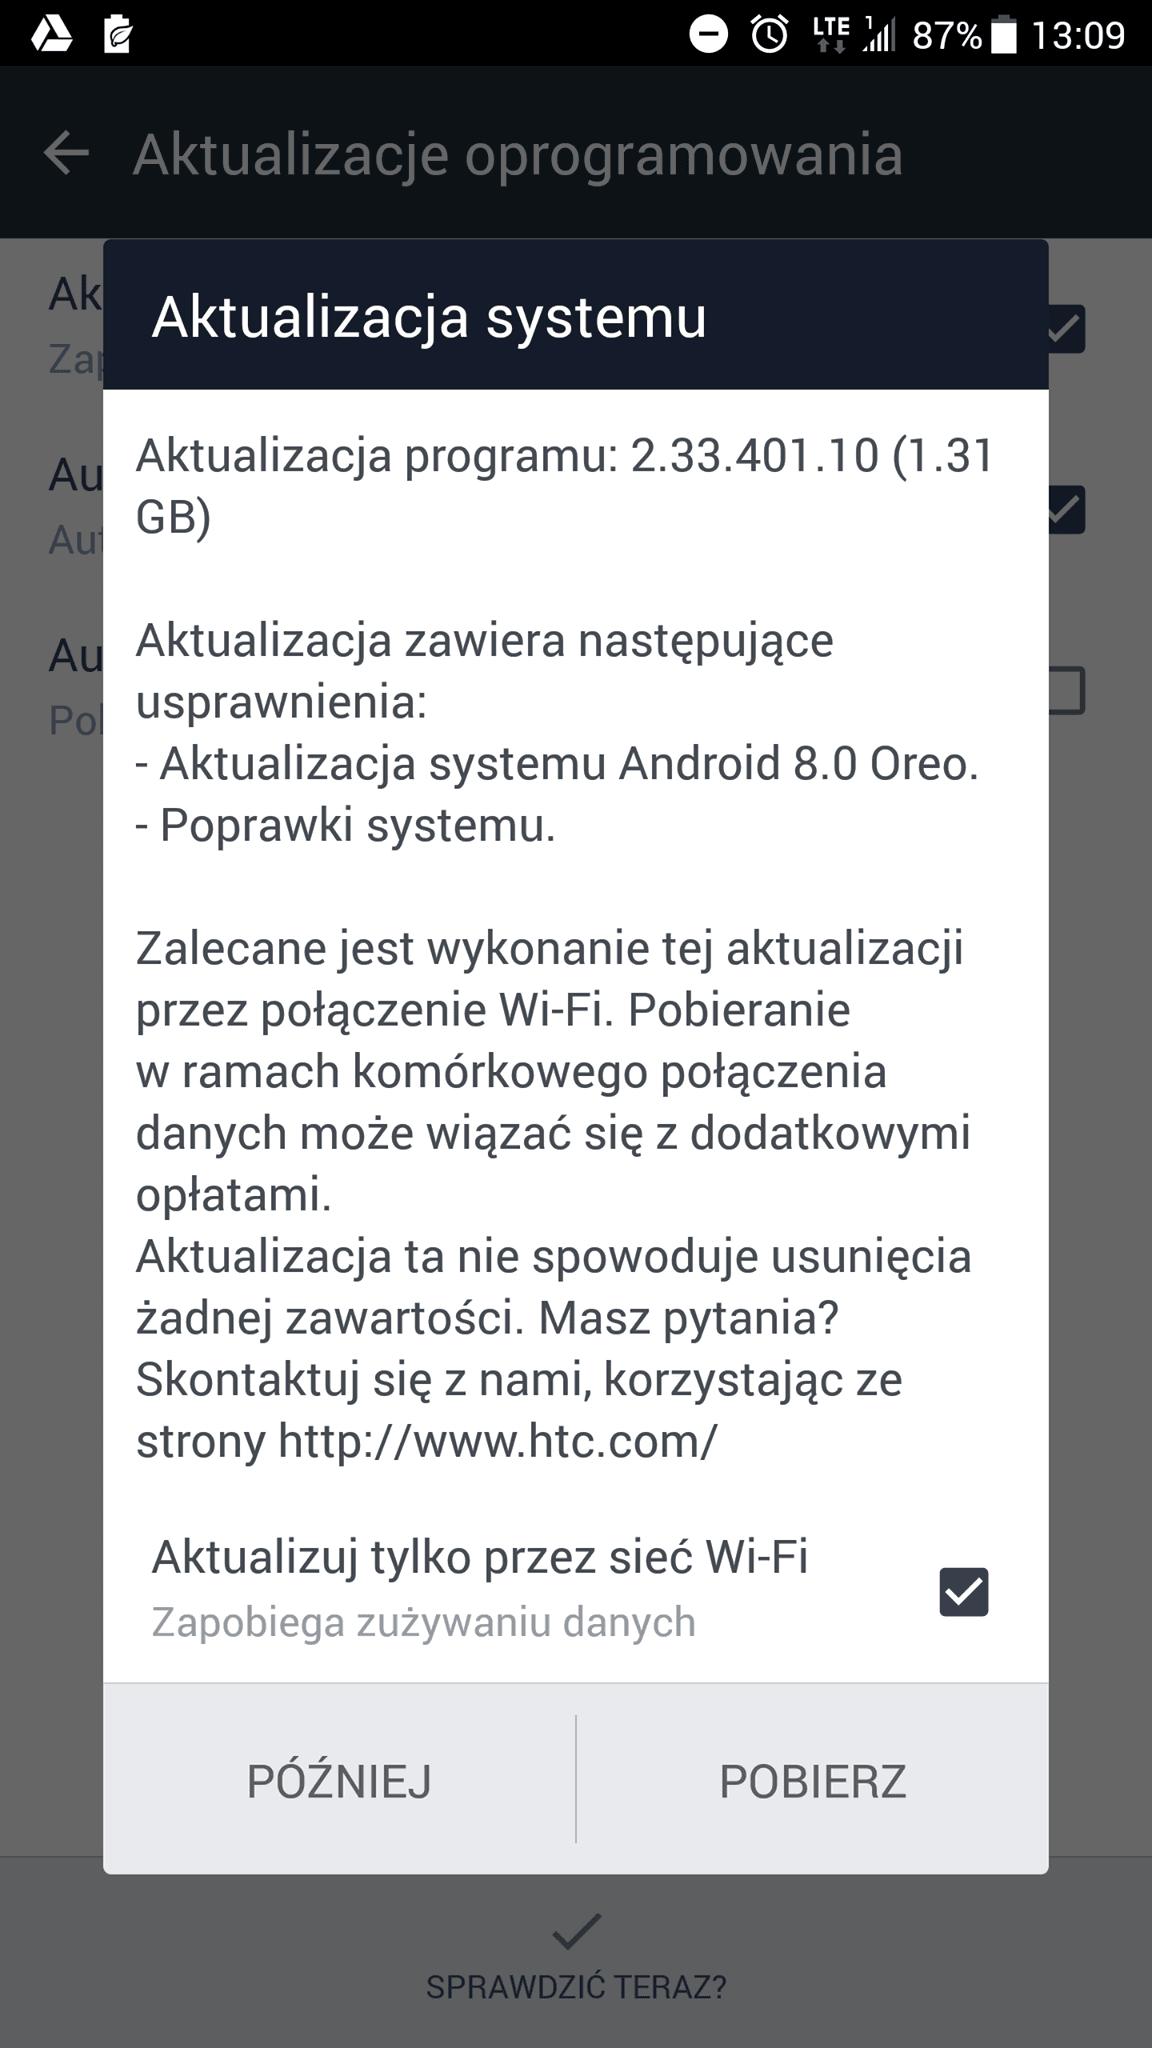 Miała być wcześniej, ale jest dopiero teraz - HTC U11 otrzymuje aktualizację do Androida 8.0 Oreo